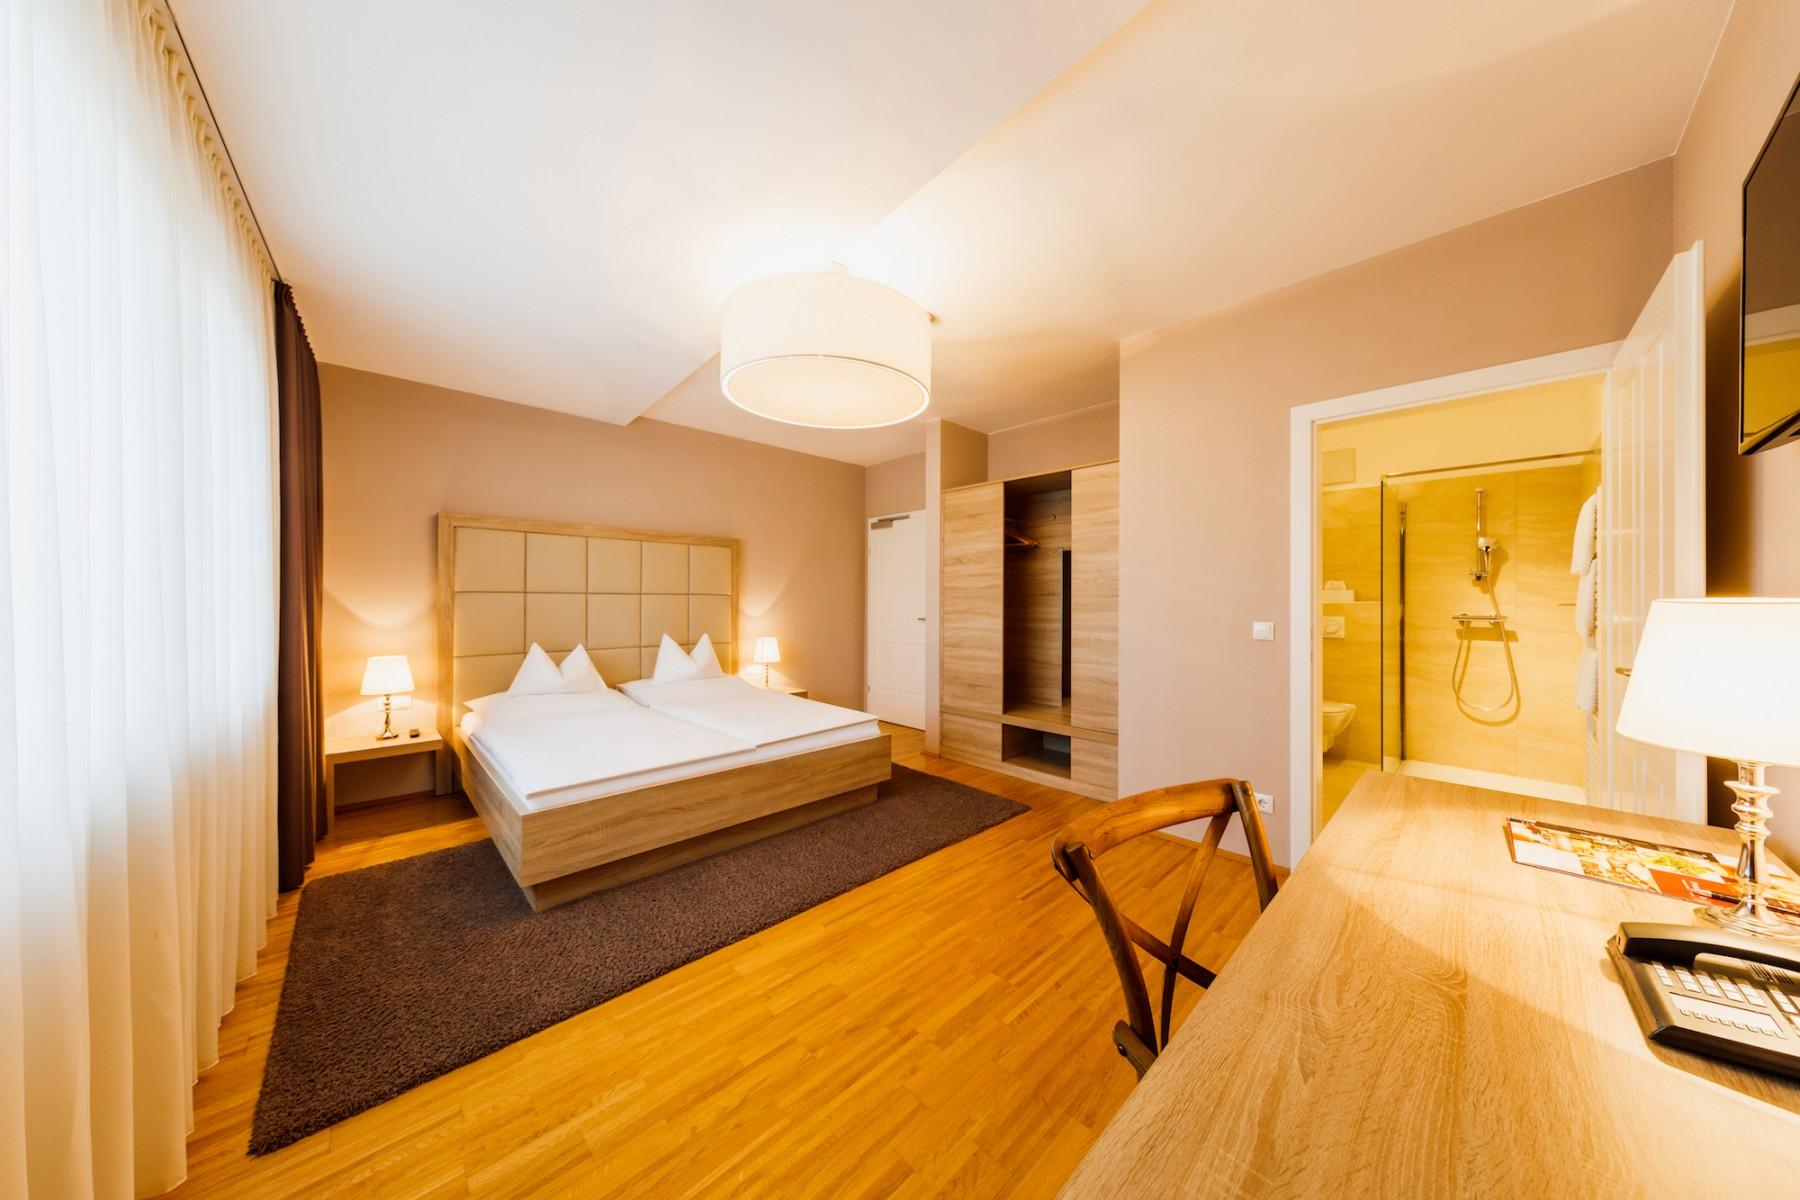 doppelzimmer_hotel_pfeiler.jpg